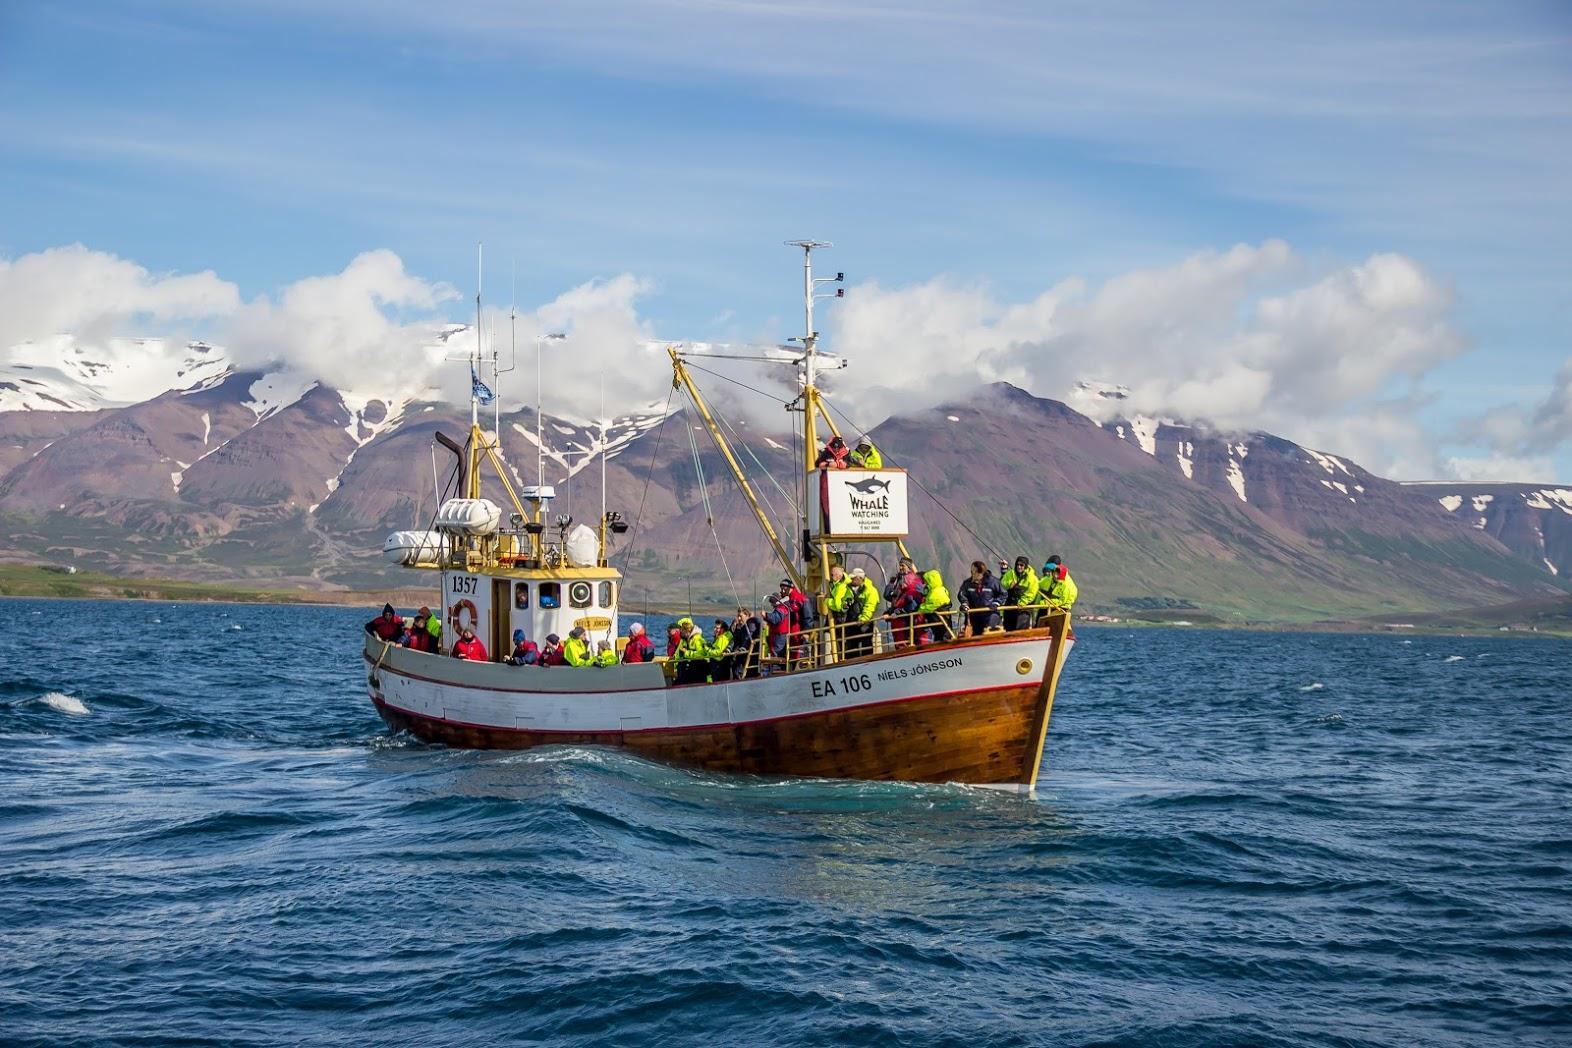 El Norte de Islandia es una gran ubicación para avistar ballenas y tiene una de las tasas de éxito más altas.